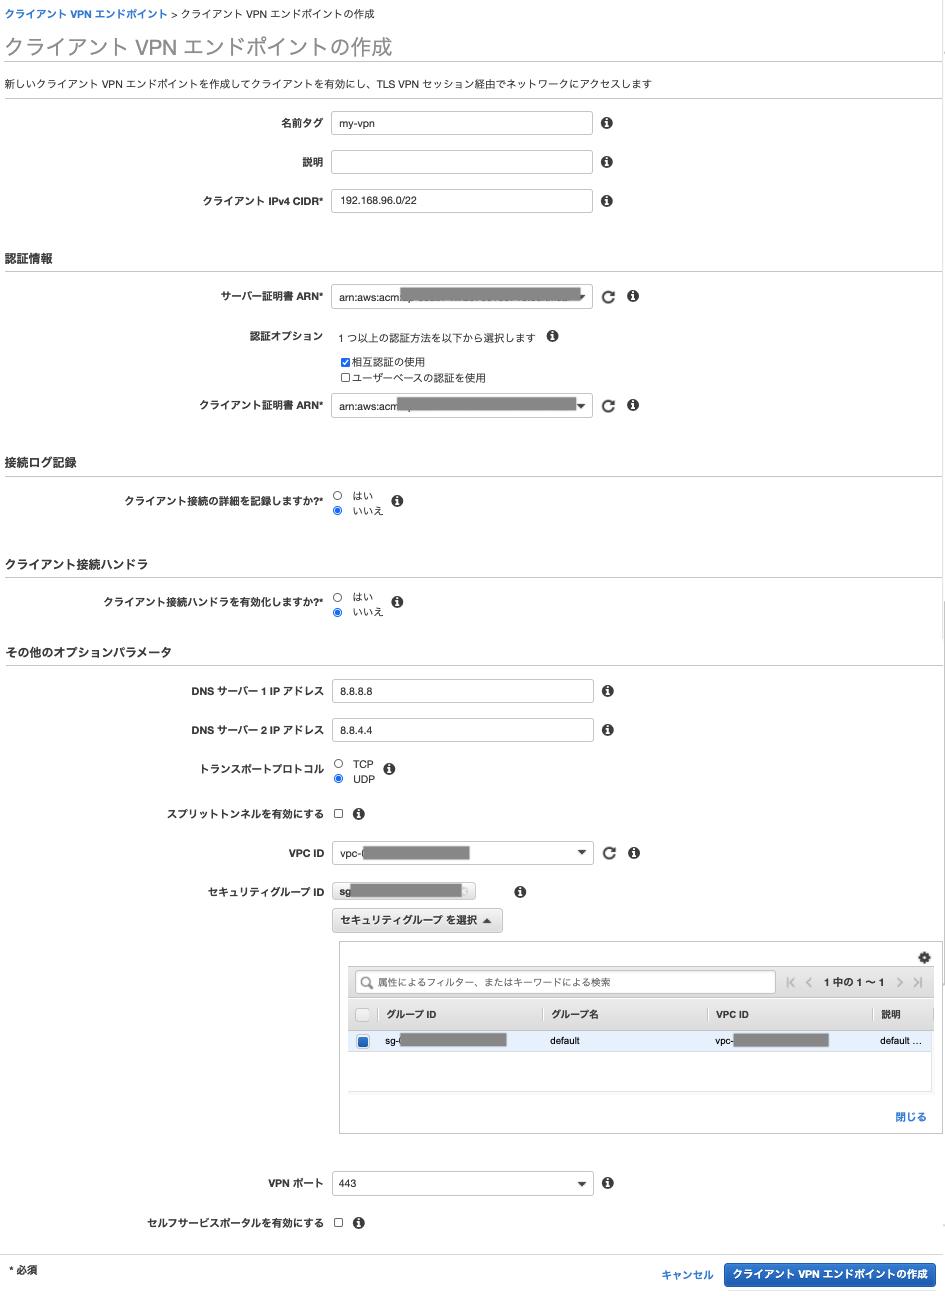 クライアントVPNエンドポイントの作成01